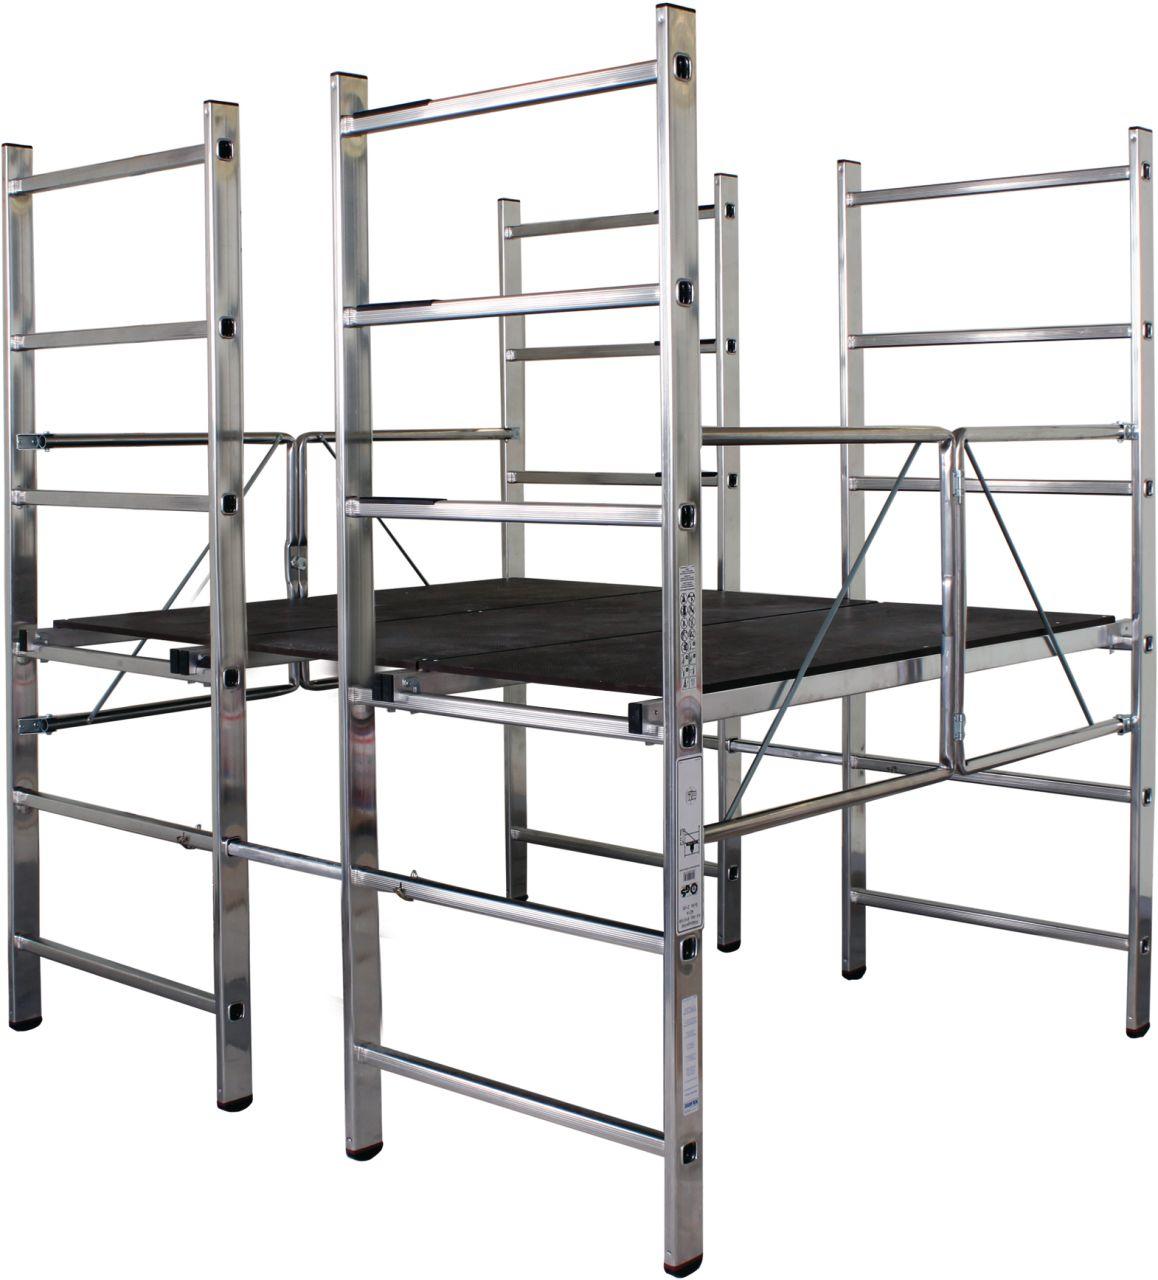 Plattformgerüst-Kompaktes Plattformgerüst mit einer maximalen Arbeitshöhe von ca. 2,80 m